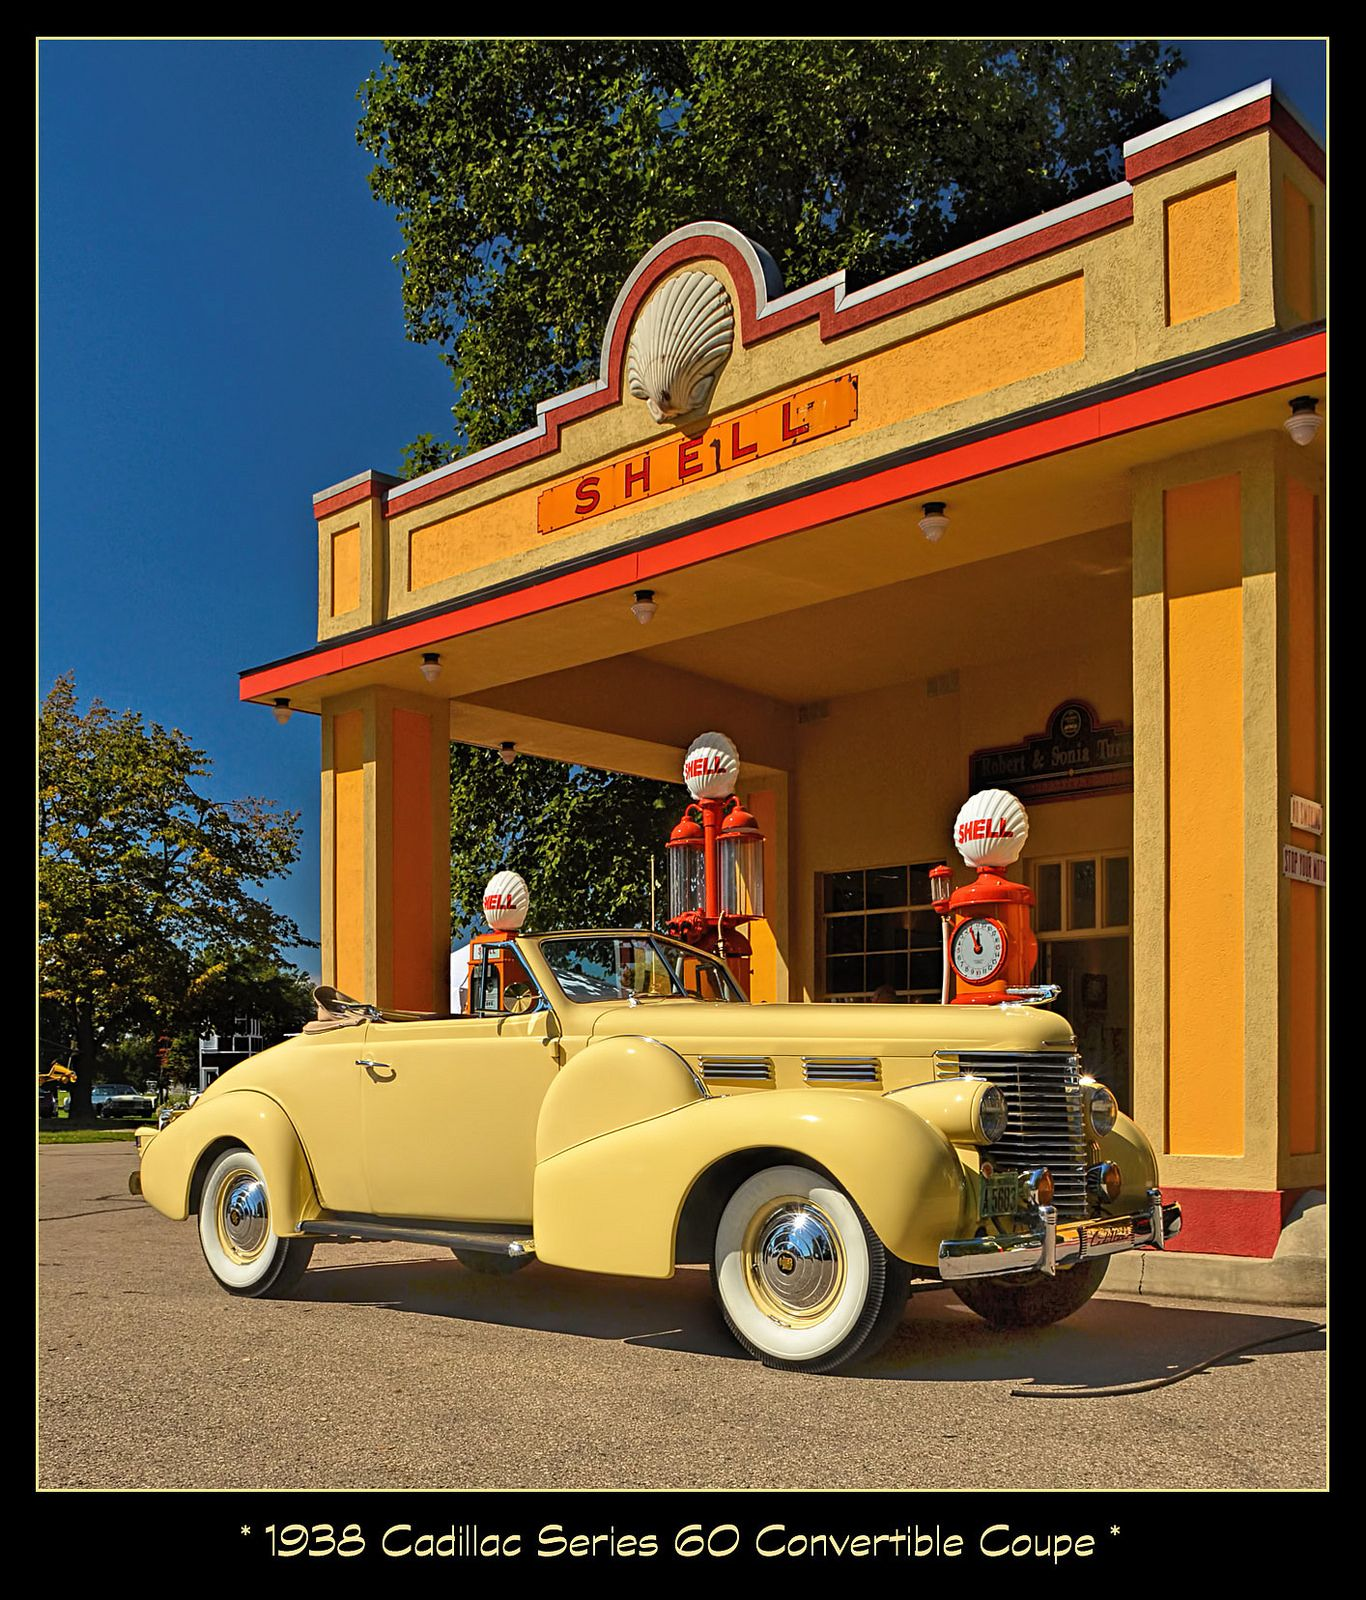 1938 Cadillac Series 60 at the Shell Station